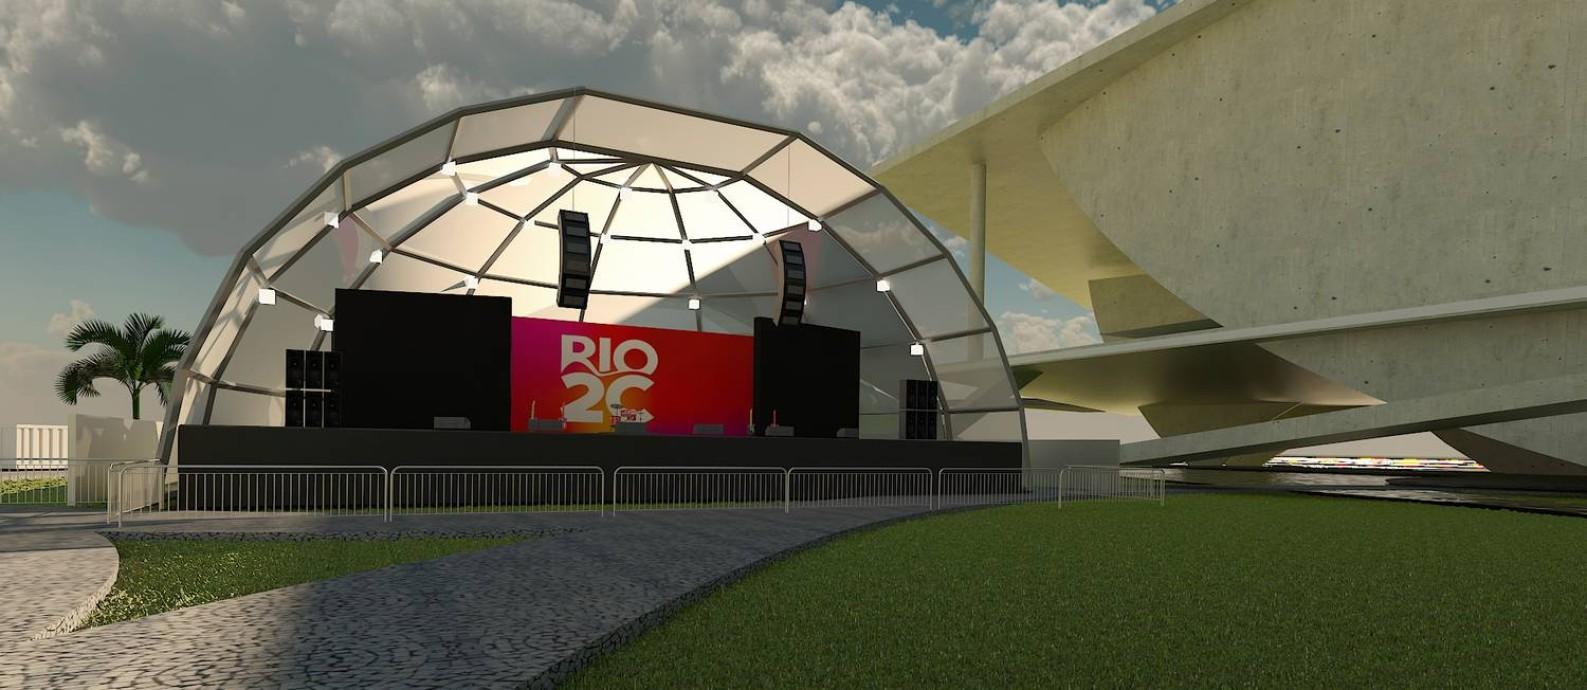 Artistas e bandas vão se apresentar no evento em abril na Cidade das Artes, no Rio Foto: Divulgação